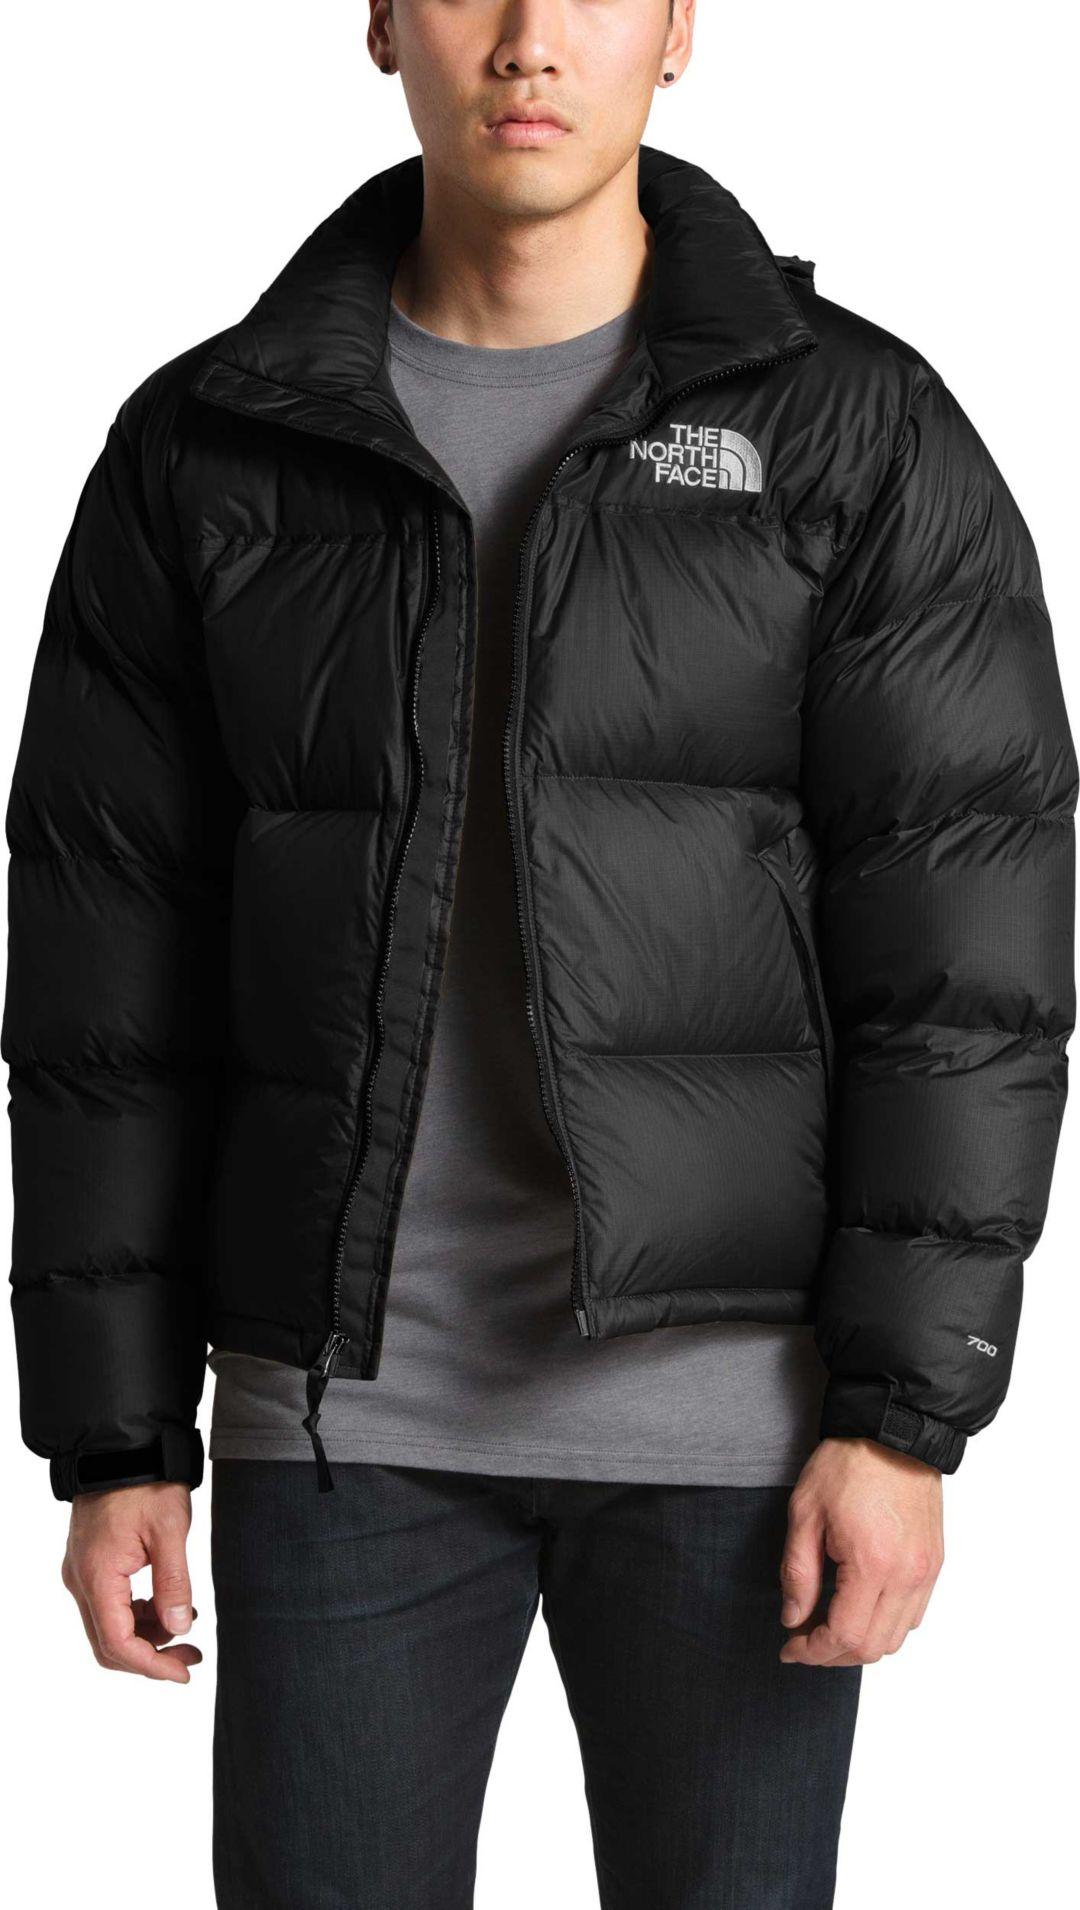 cbf5c89eb The North Face Men's 1996 Retro Nuptse Jacket